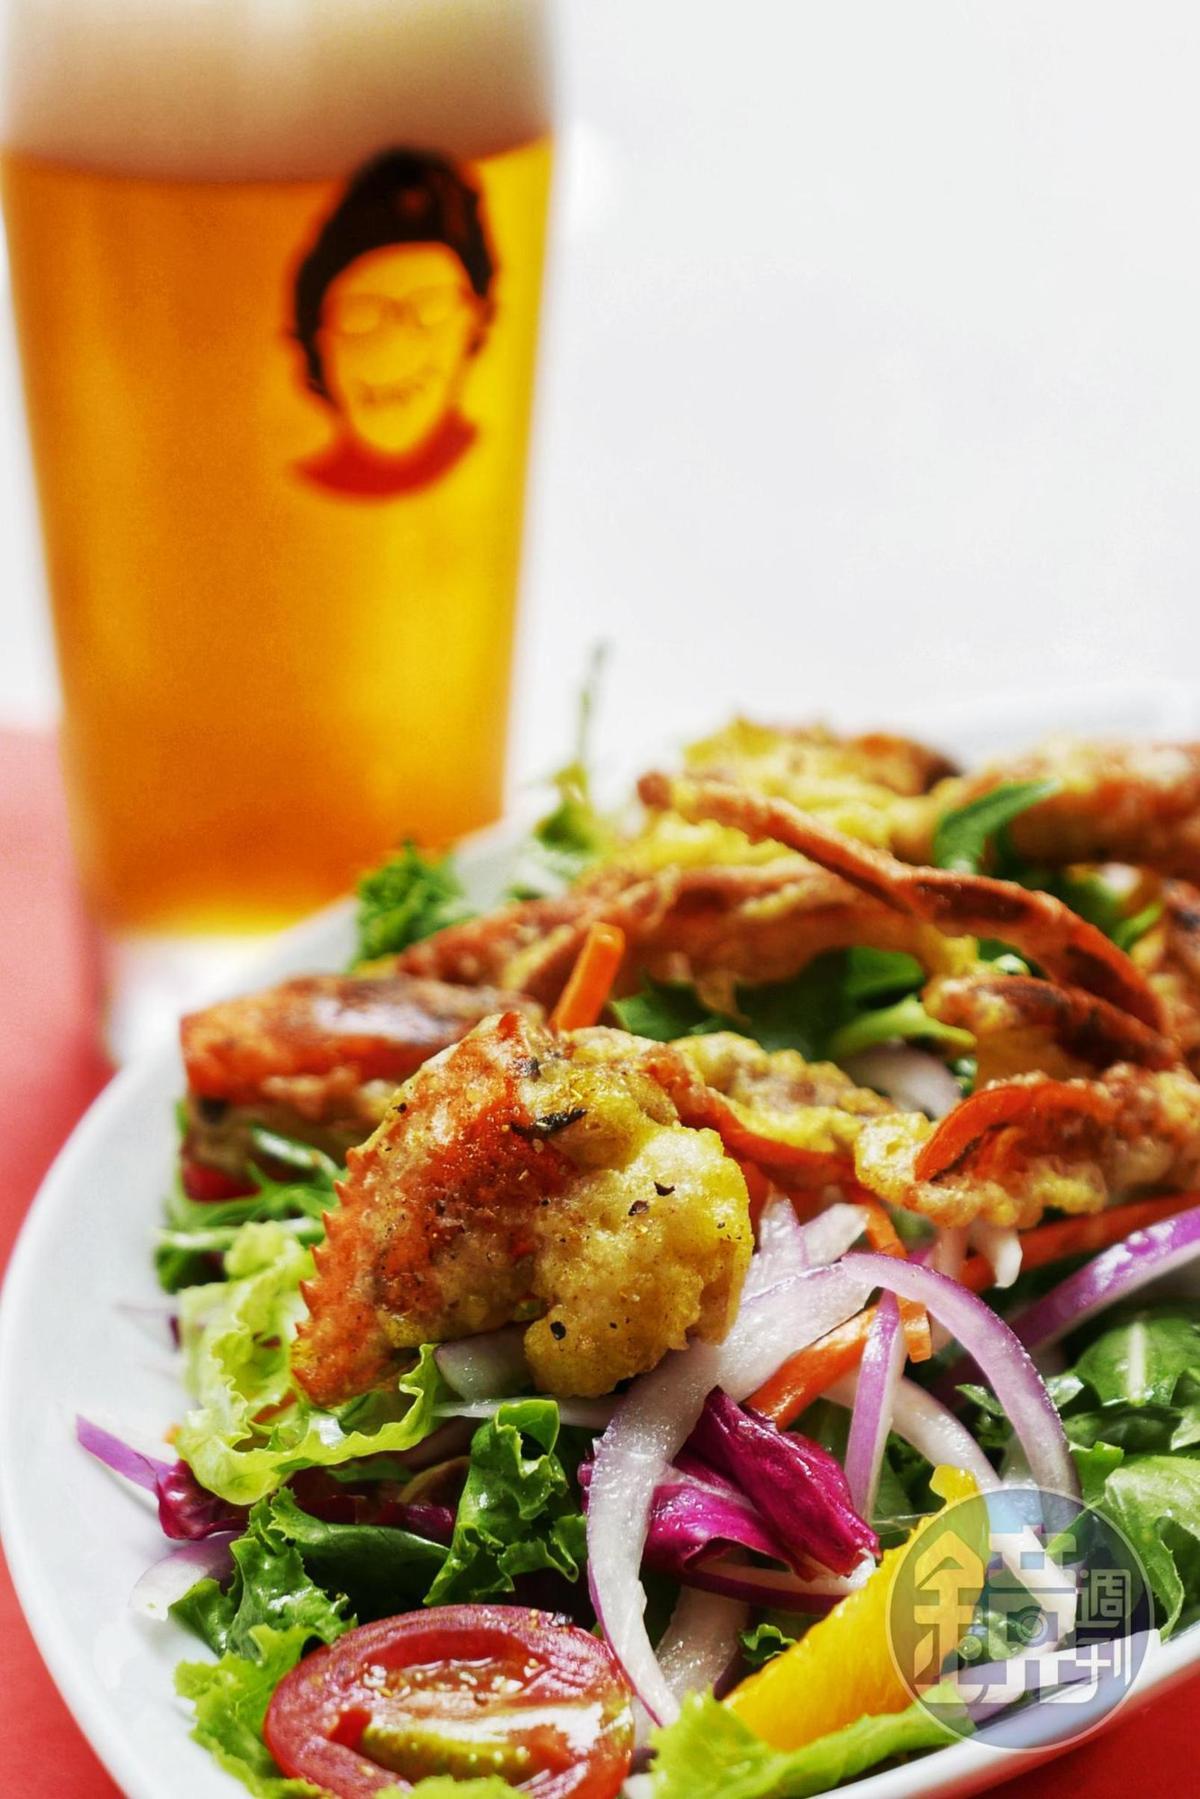 「軟殼蟹沙拉」是店內常年不敗的海鮮沙拉。(320元/份)